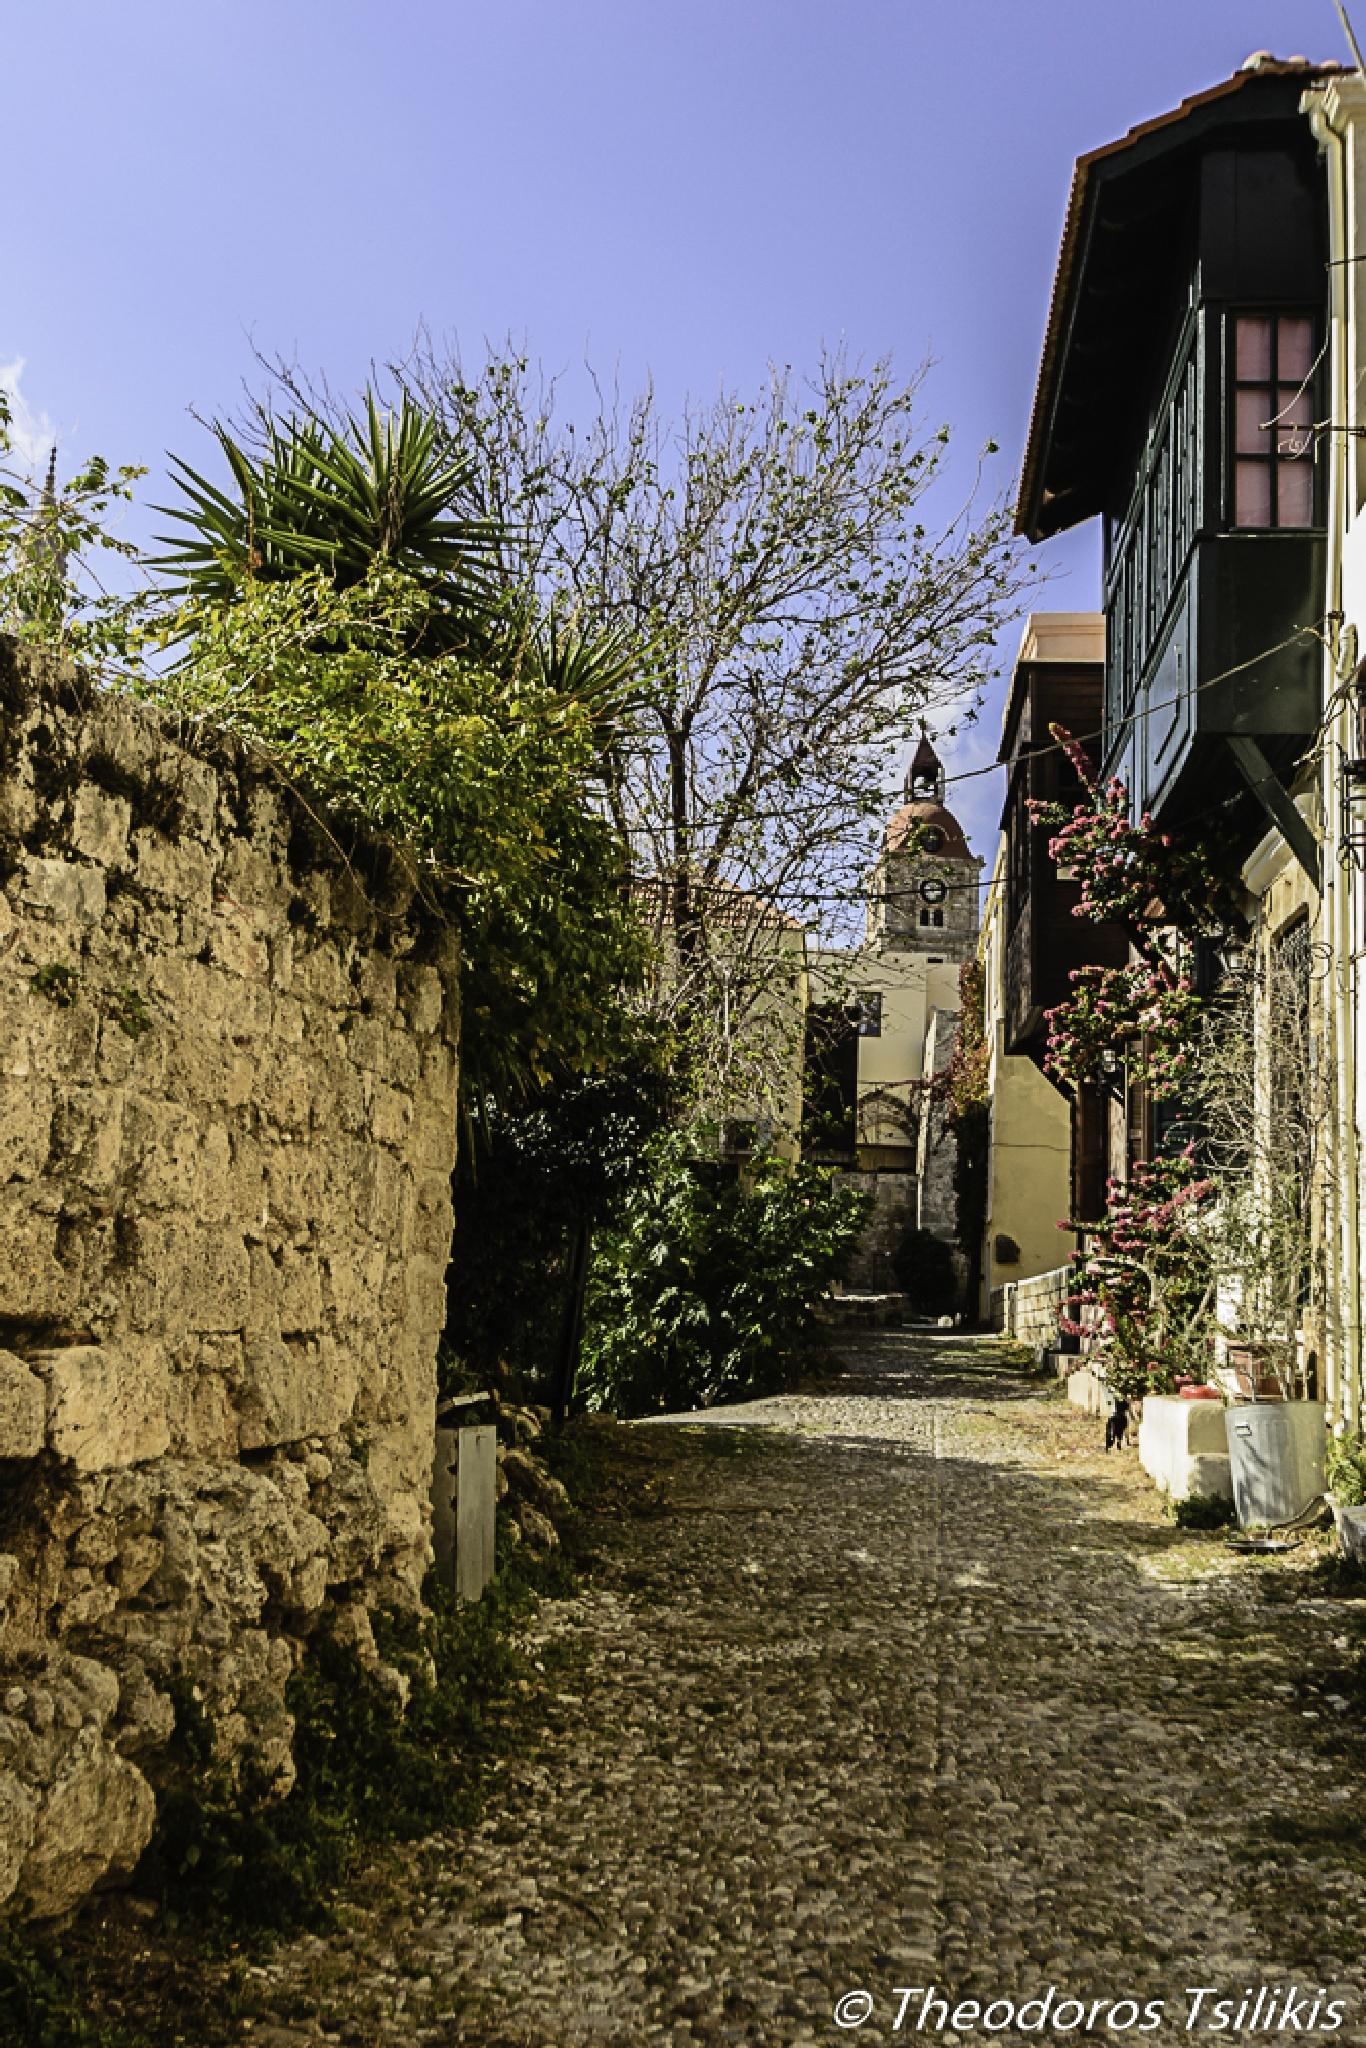 neighborhood by Theodoros Tsilikis